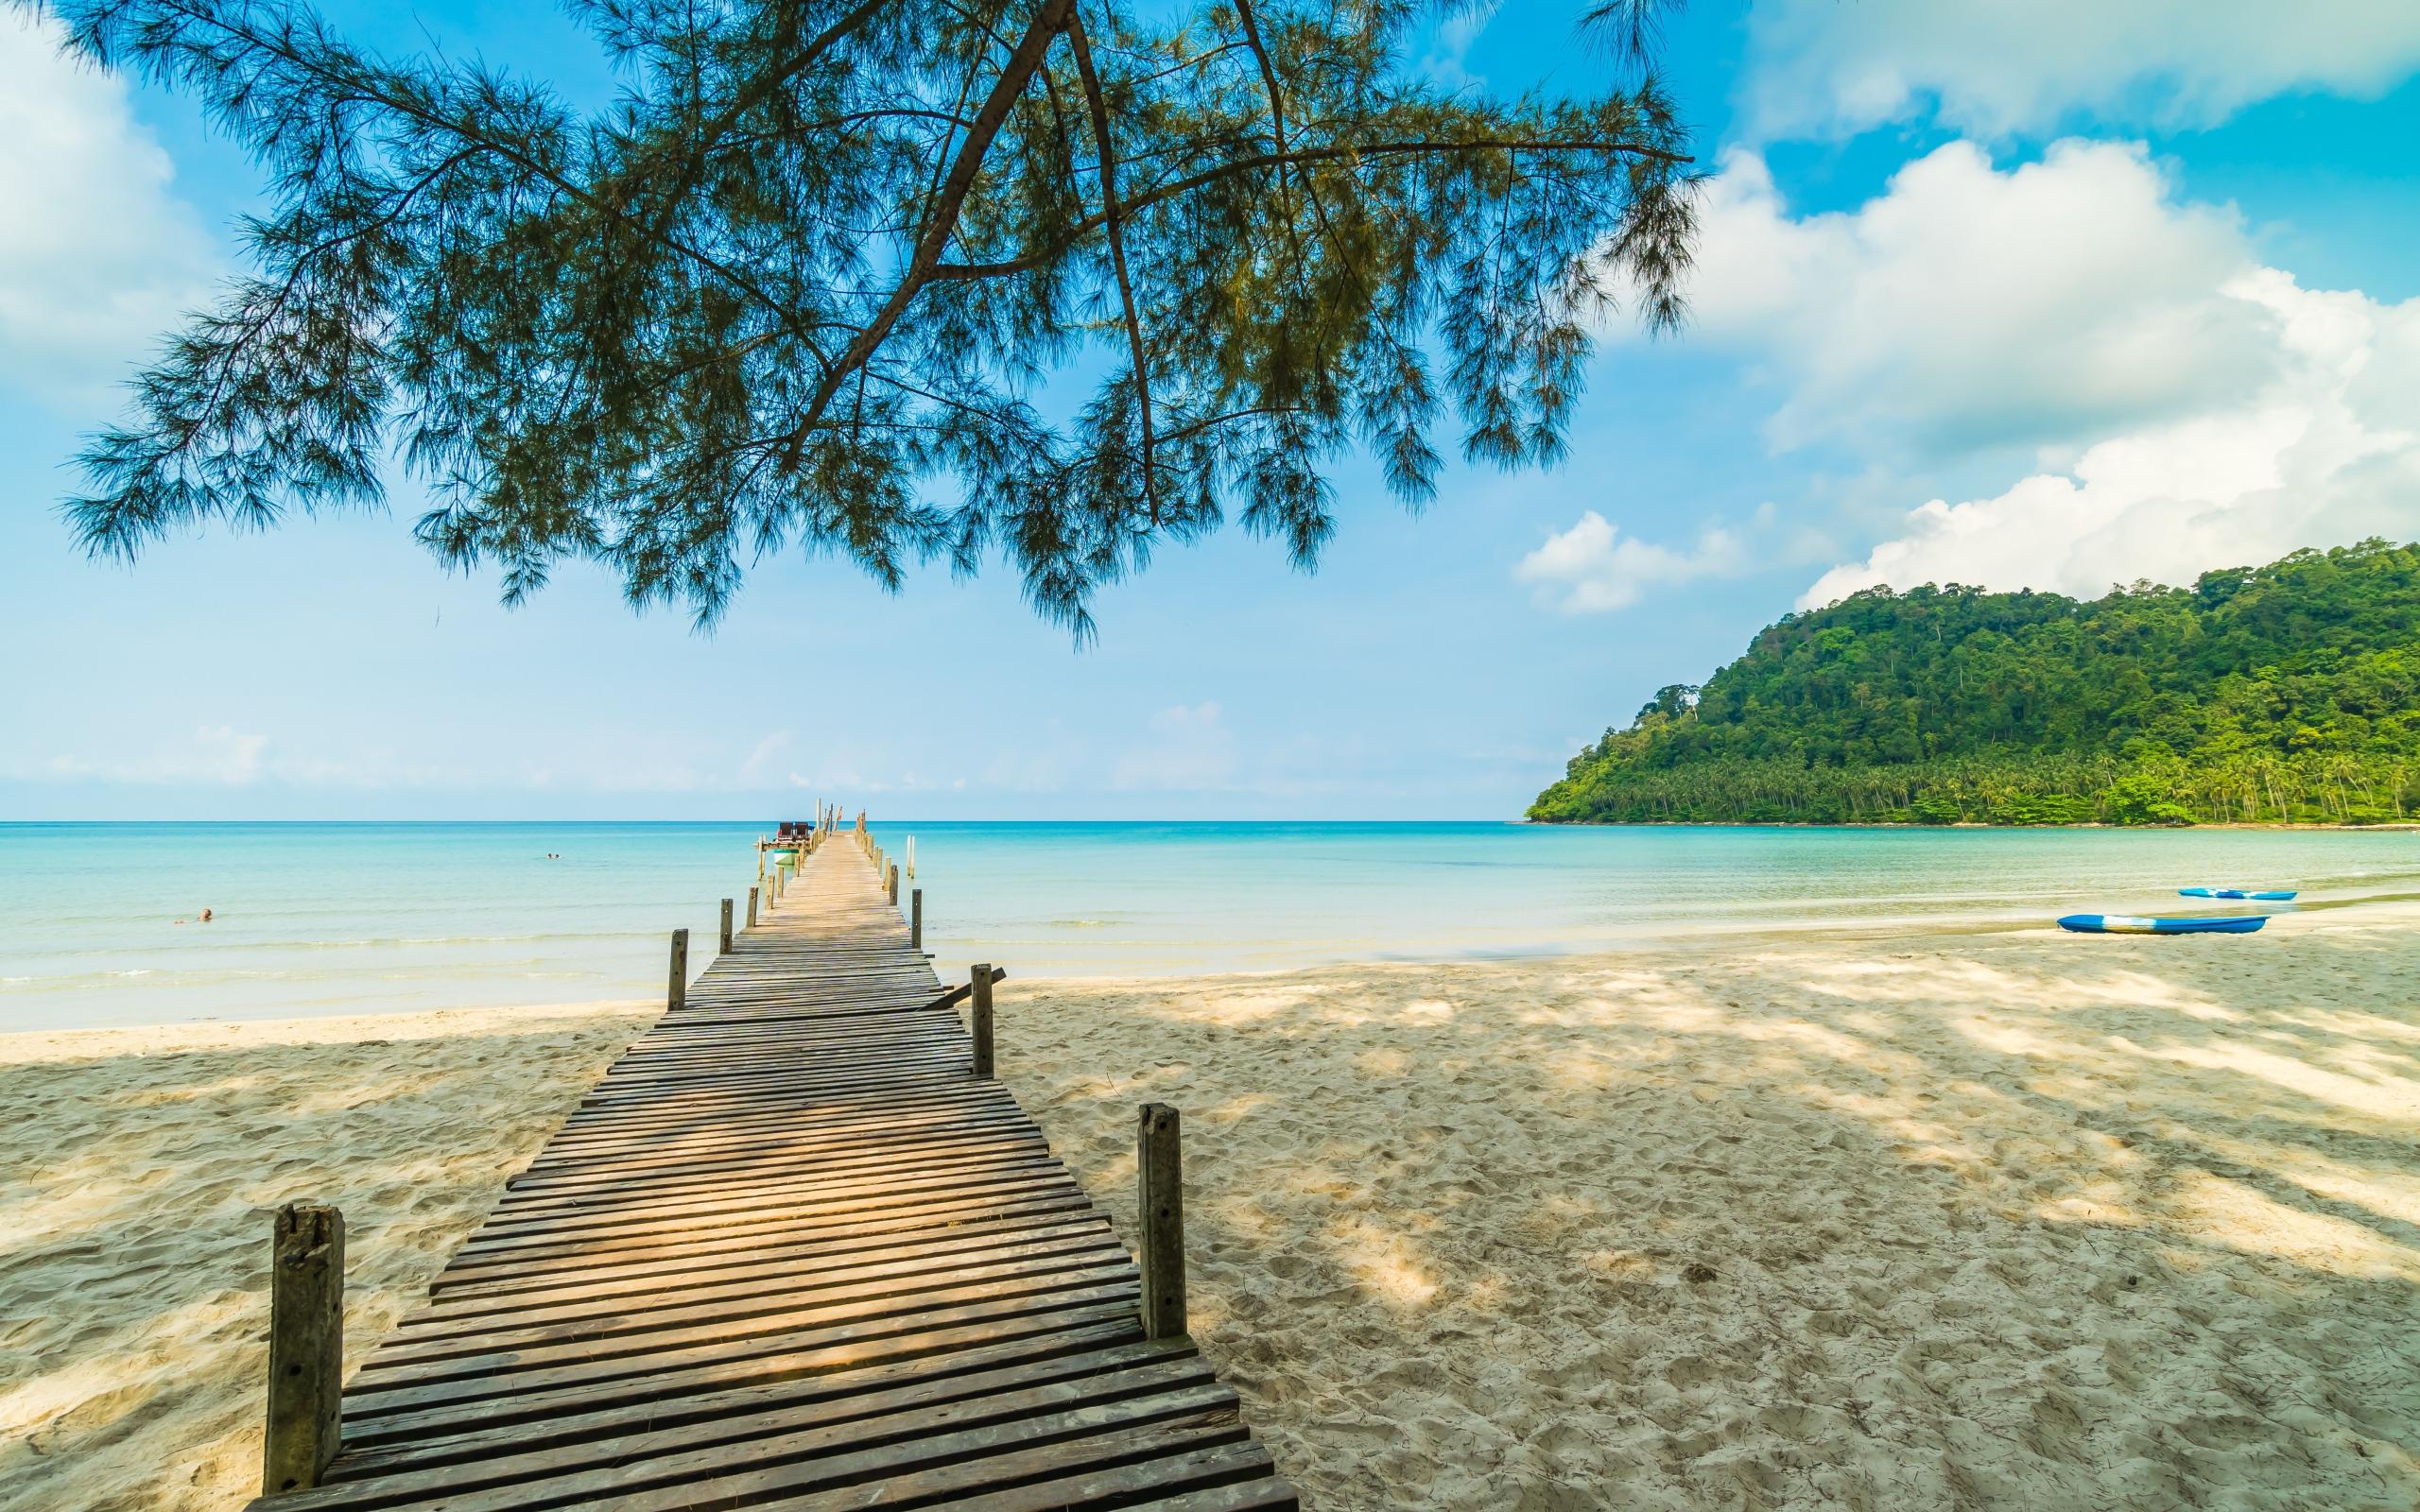 Деревянный пирс в море, обои лето море пляж, full hd, 2560 на 1600 пикселей